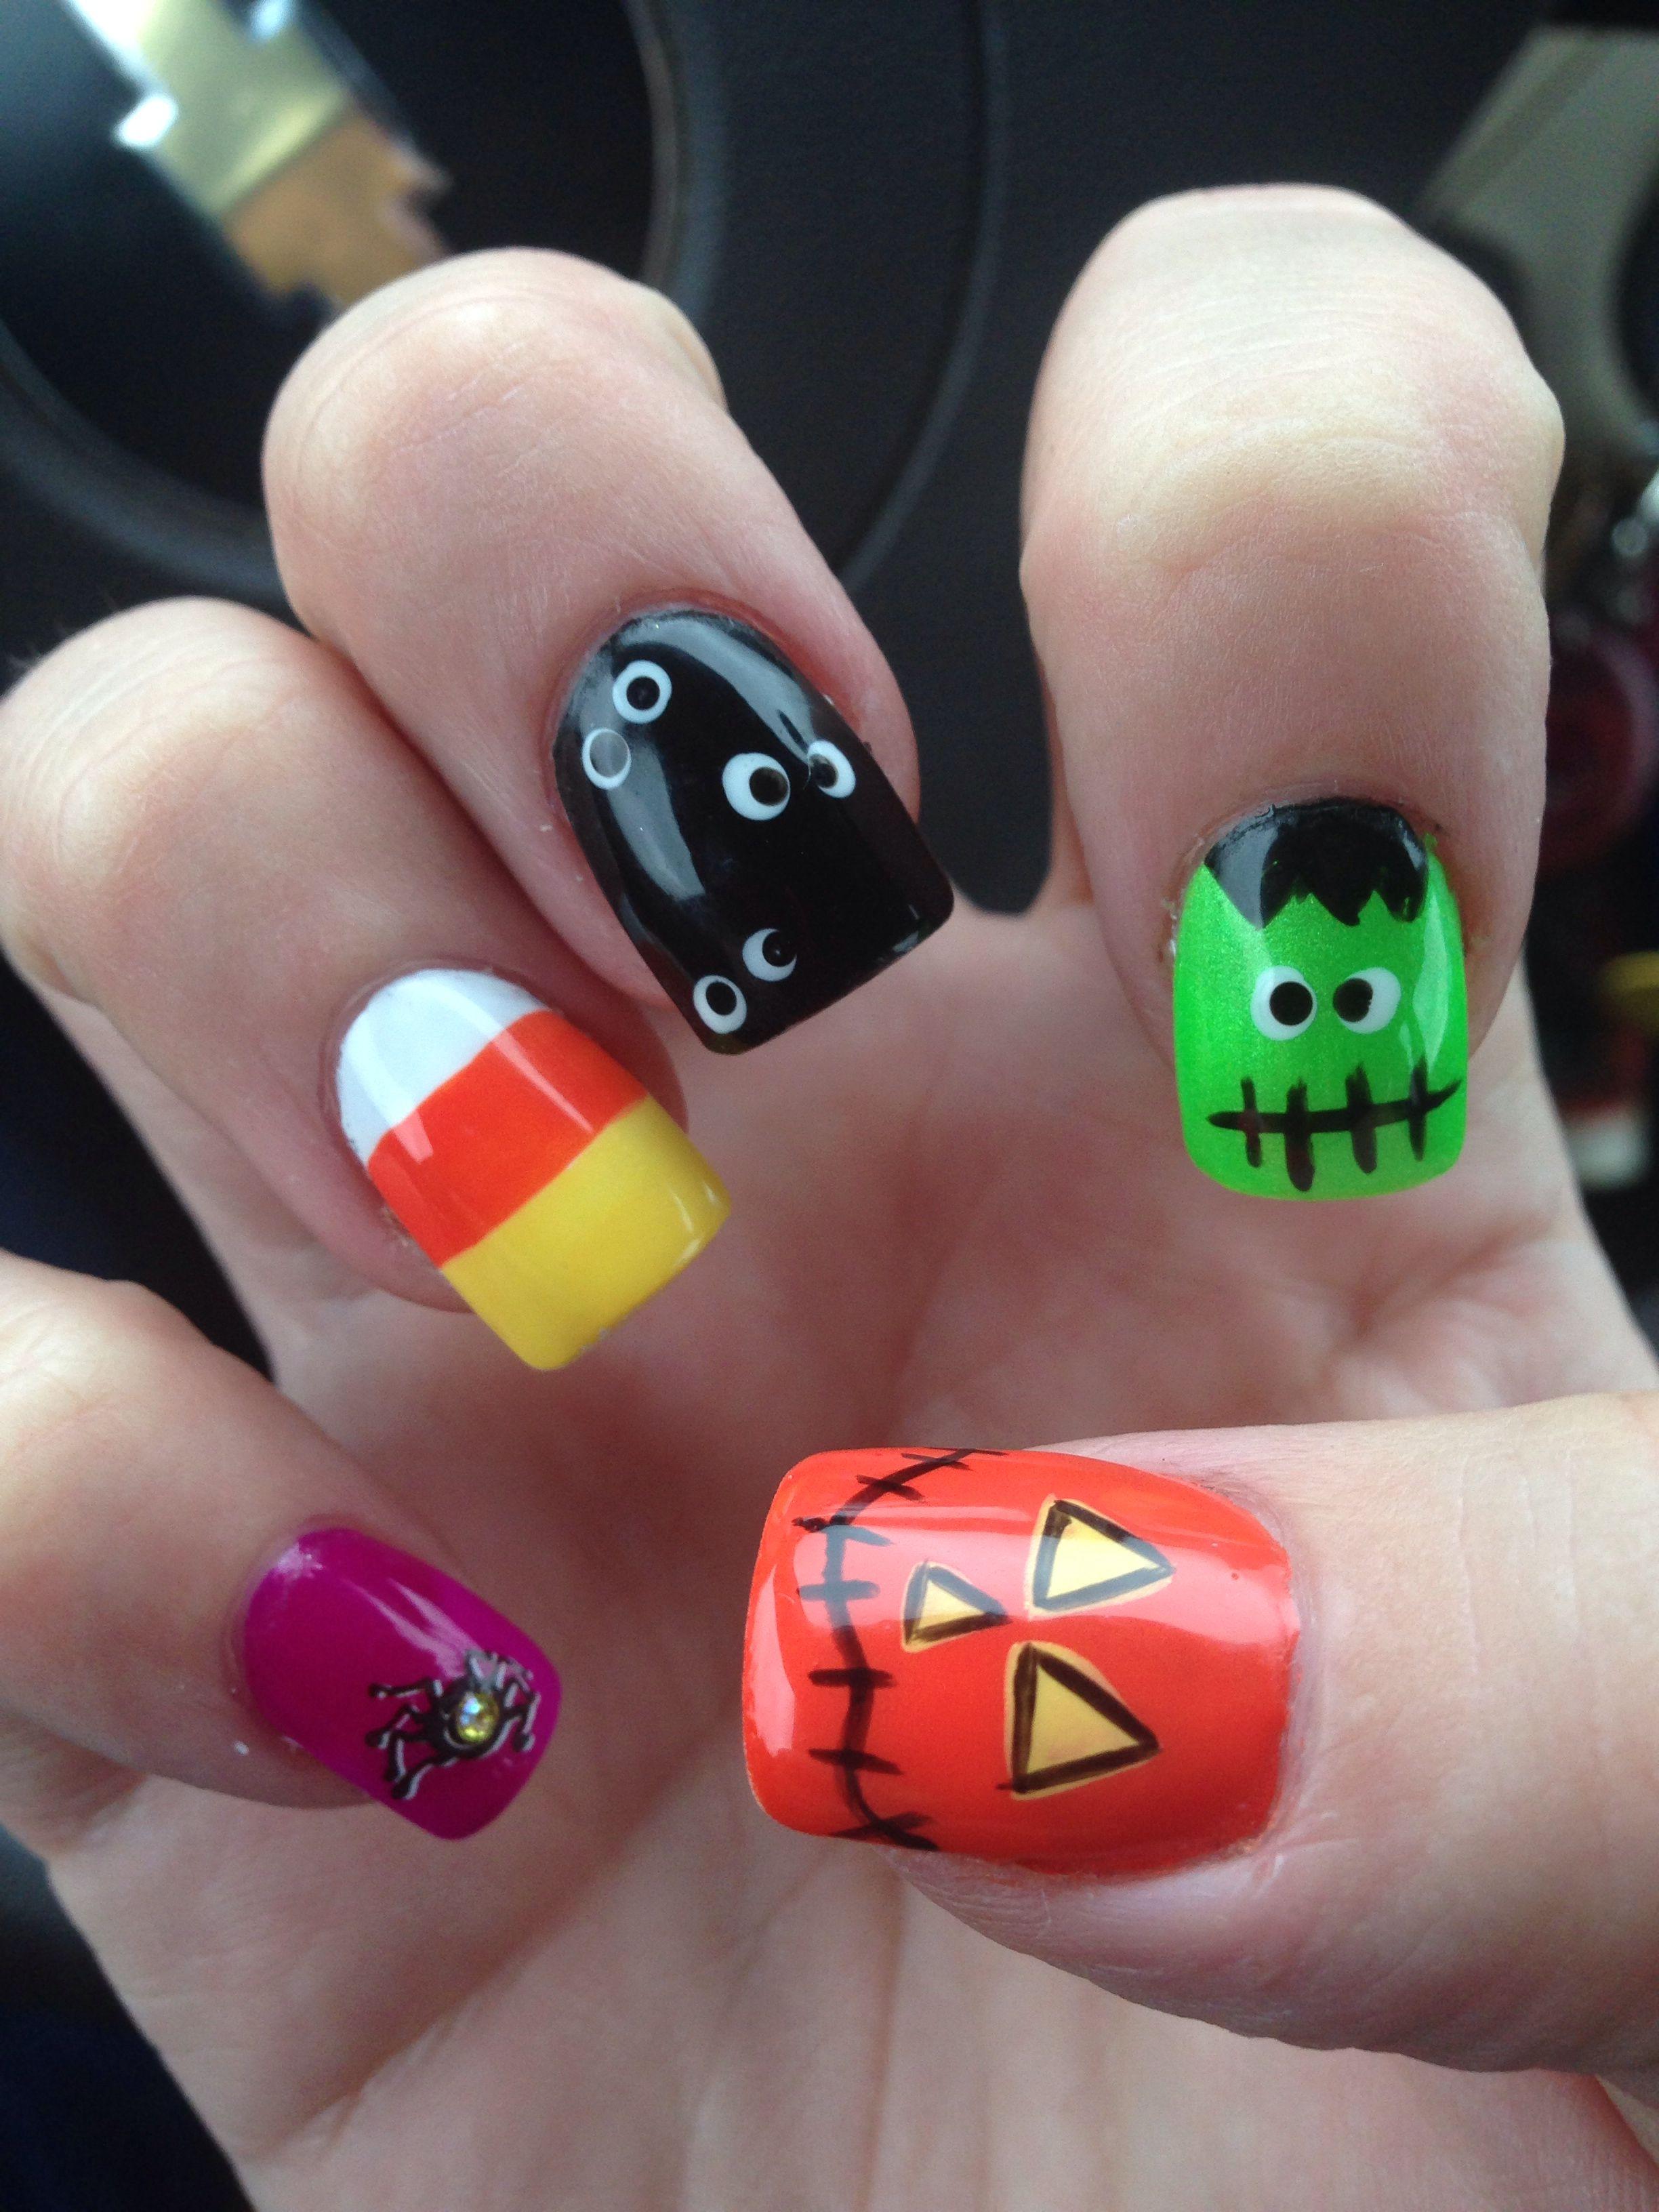 50 Cool Halloween Nail Art Ideas Cuded Cute Halloween Nails Halloween Nail Designs Halloween Nail Art